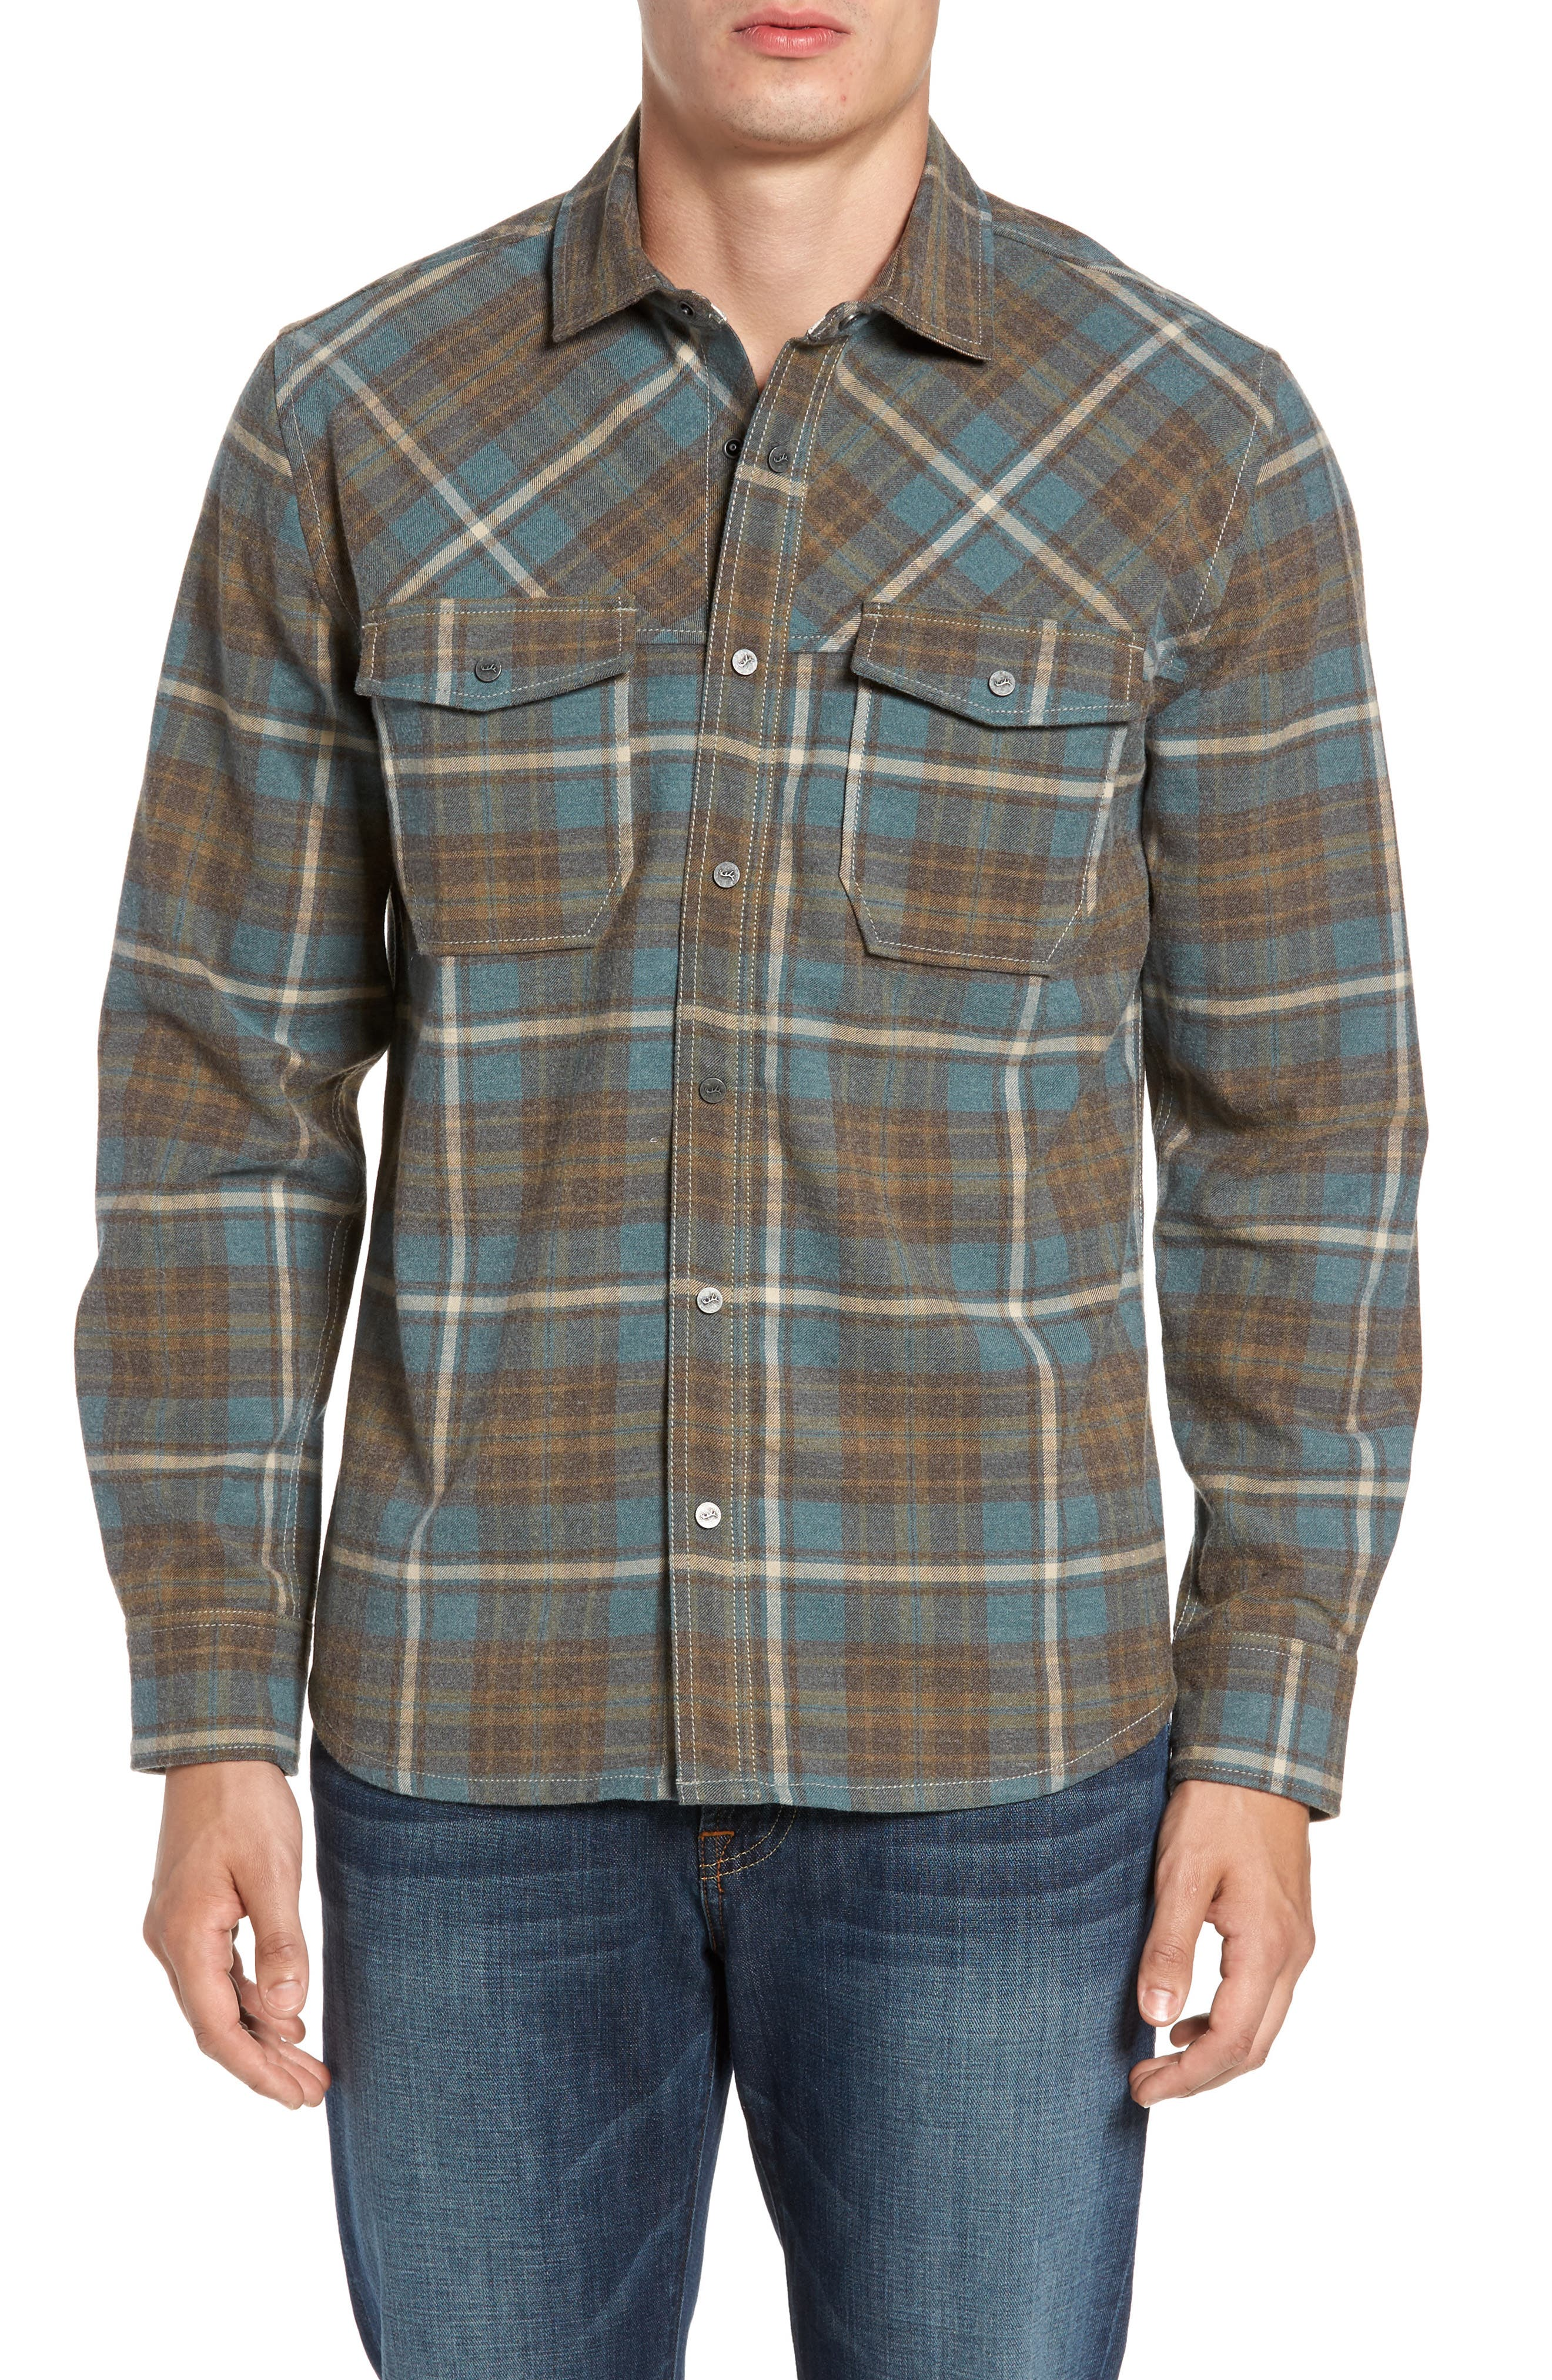 Main Image - Jeremiah Ranger Plaid Shirt